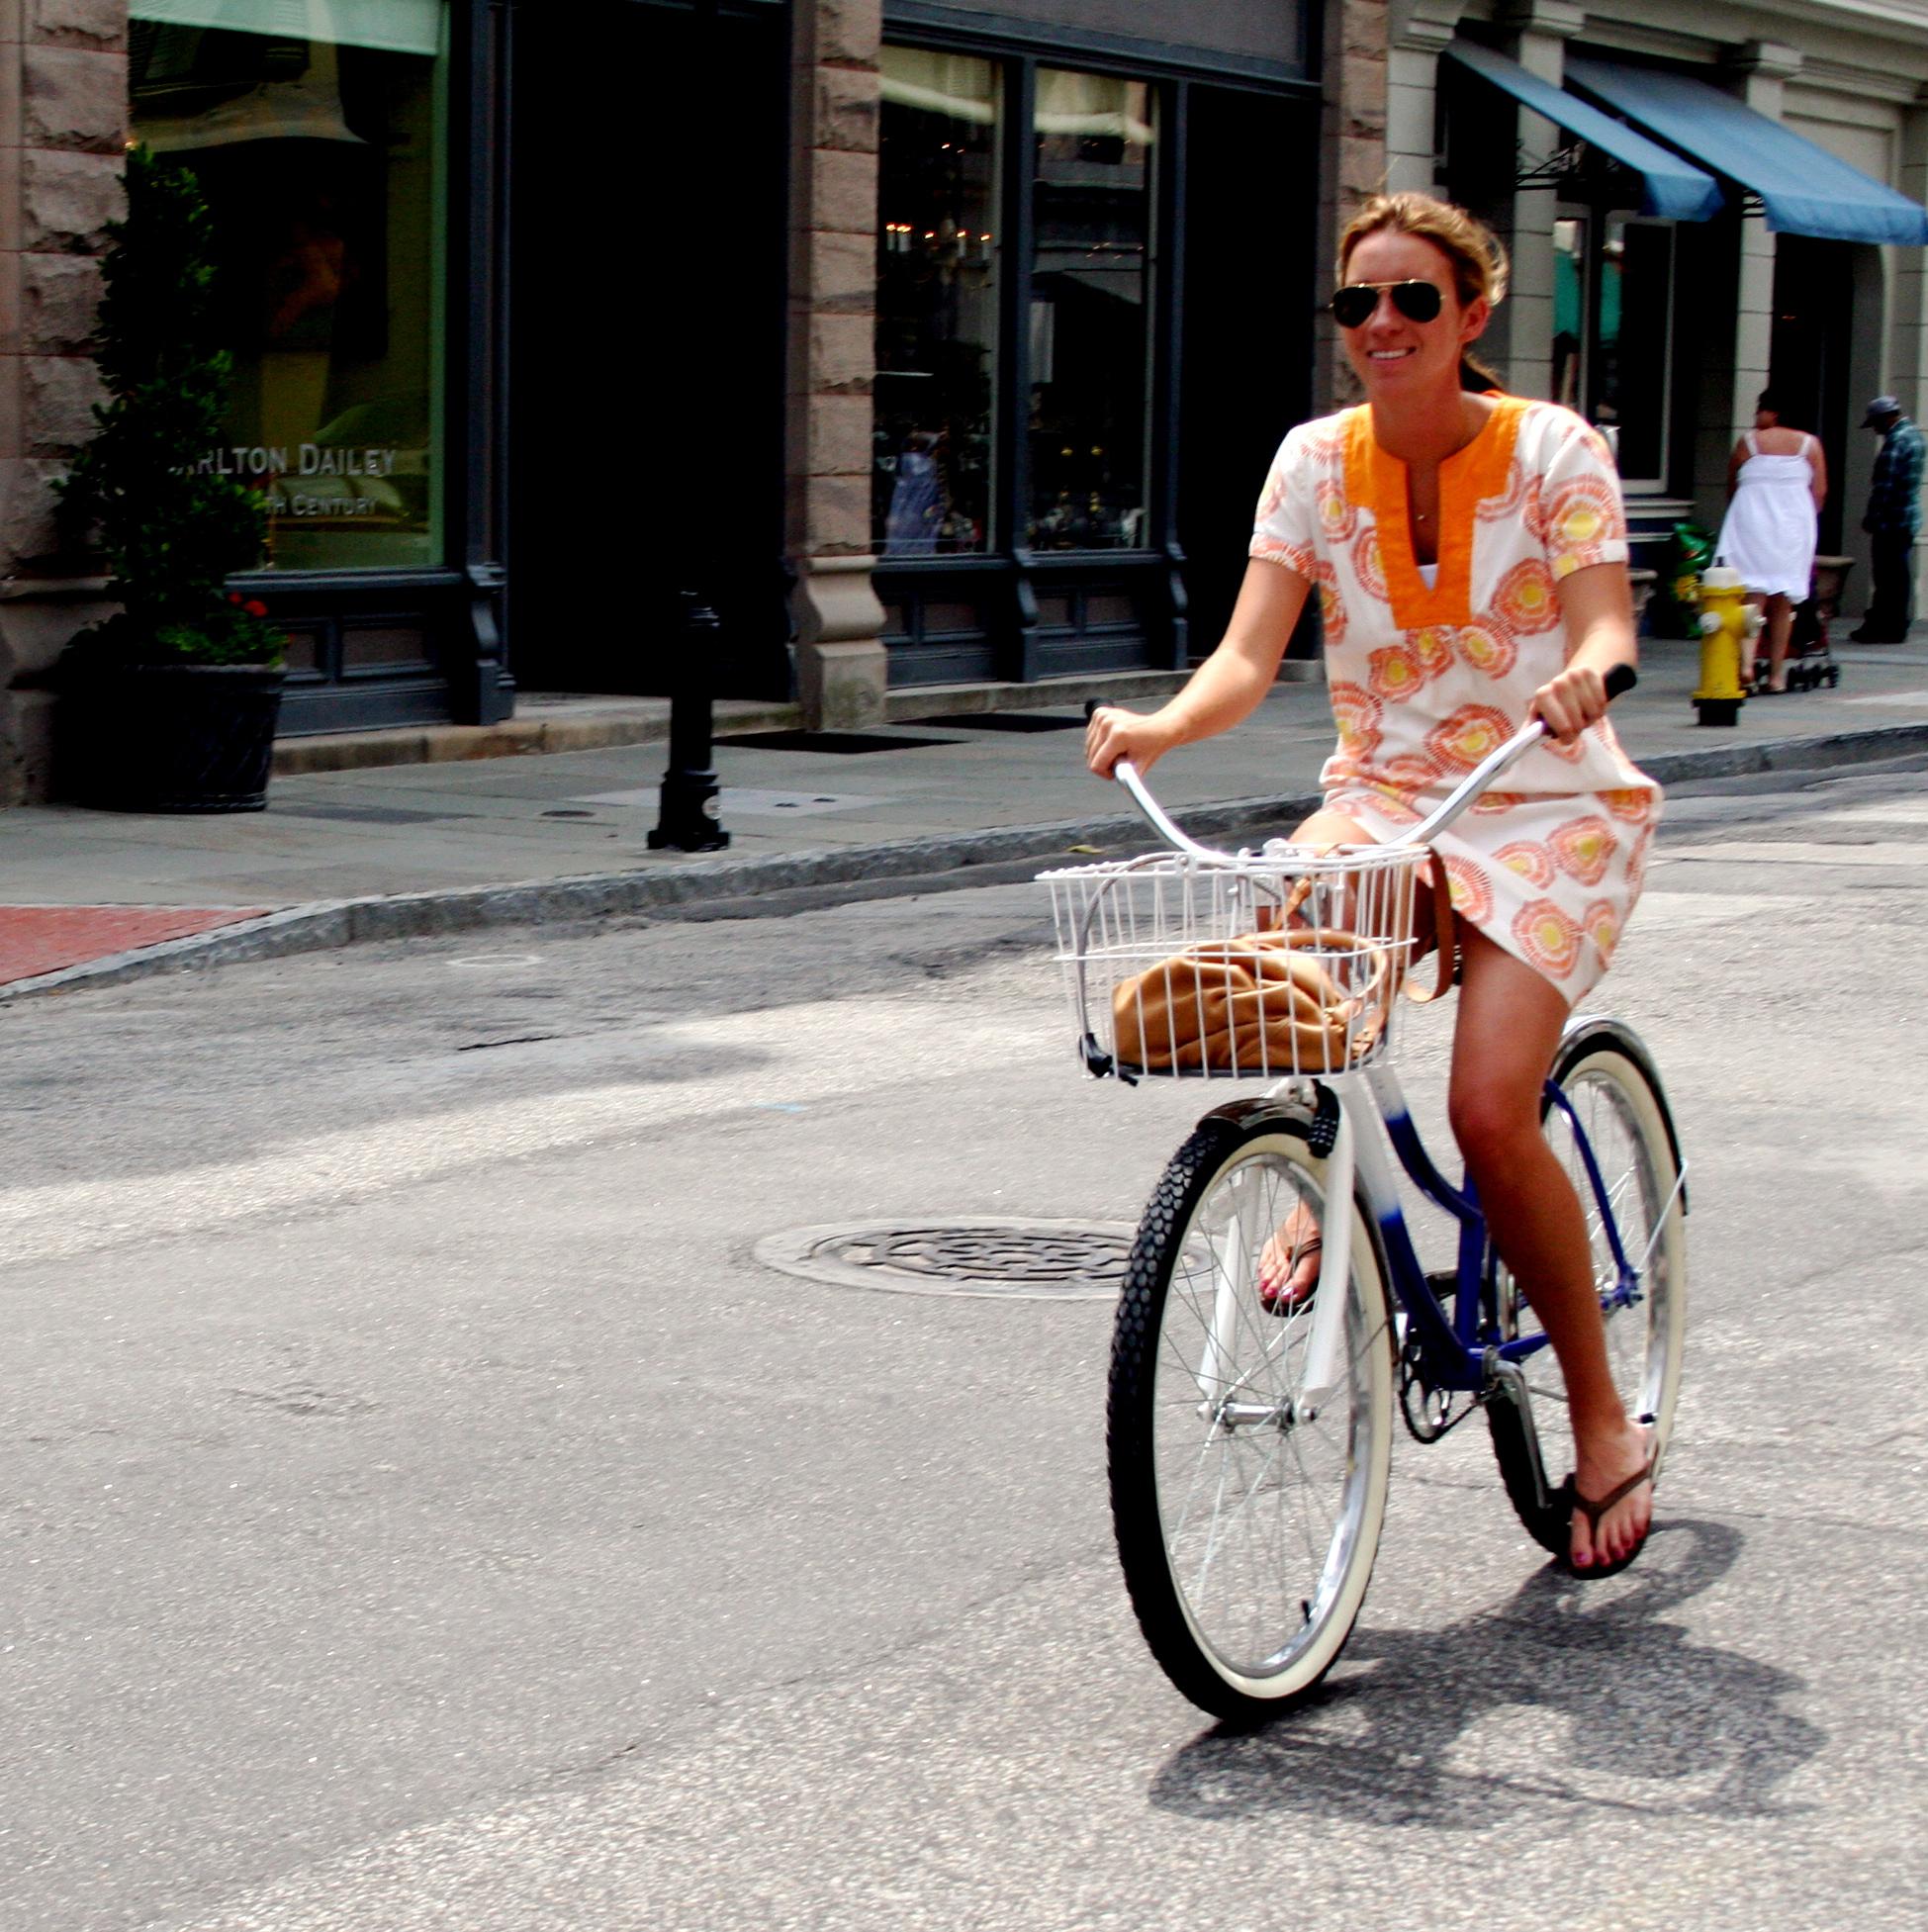 Особа, яка їде на велосипеді по міській вулиці